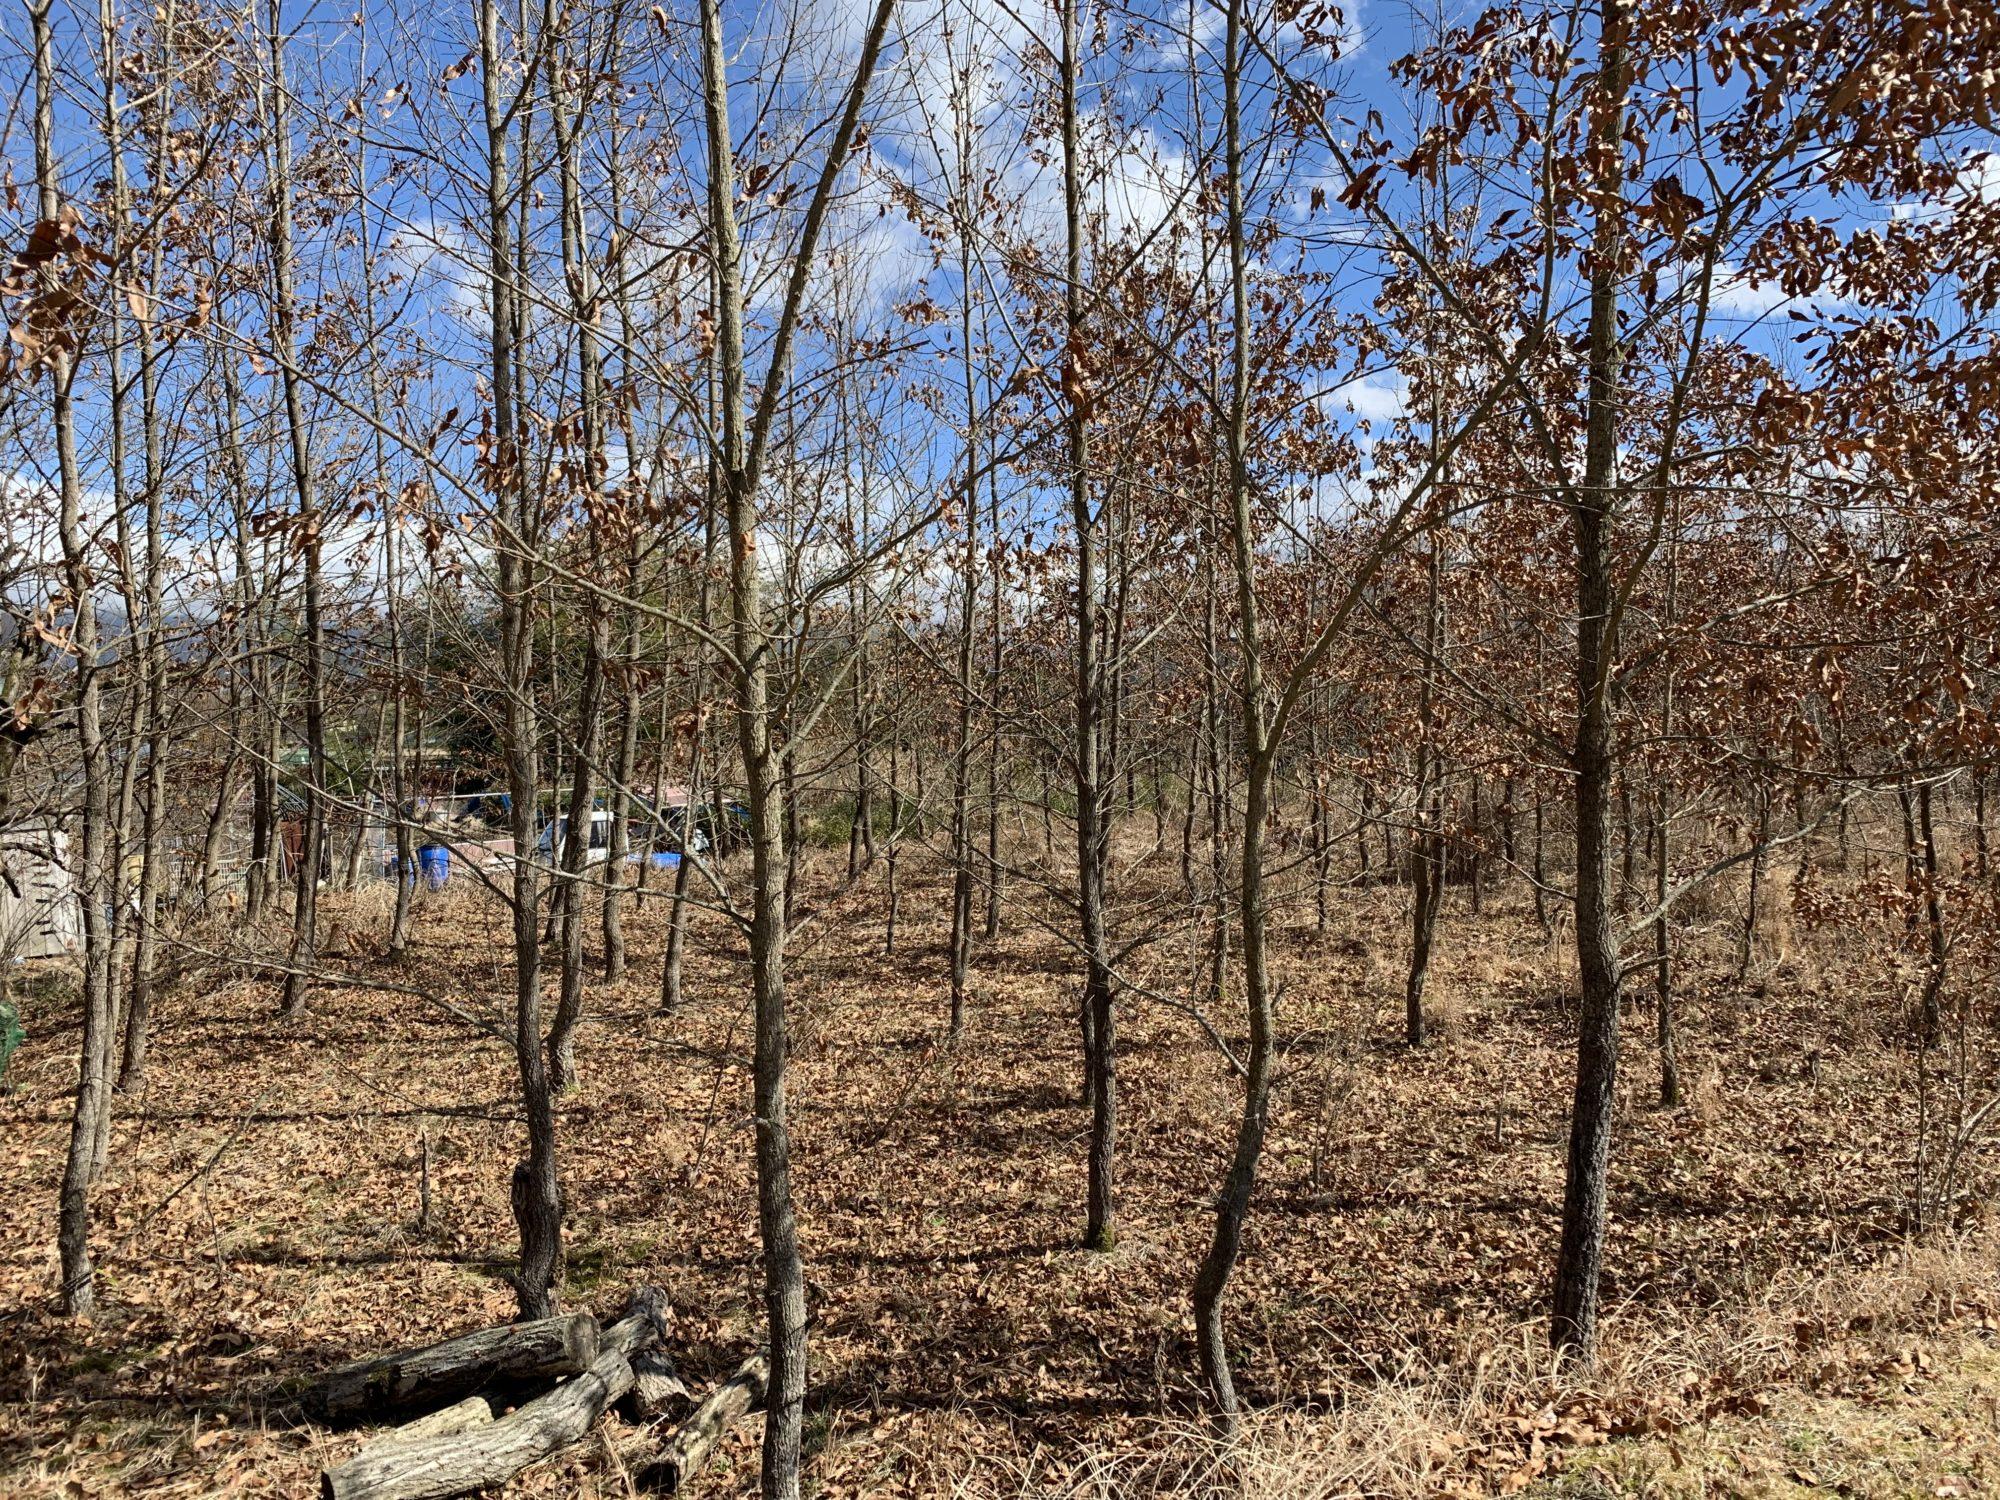 くぬぎの木の林